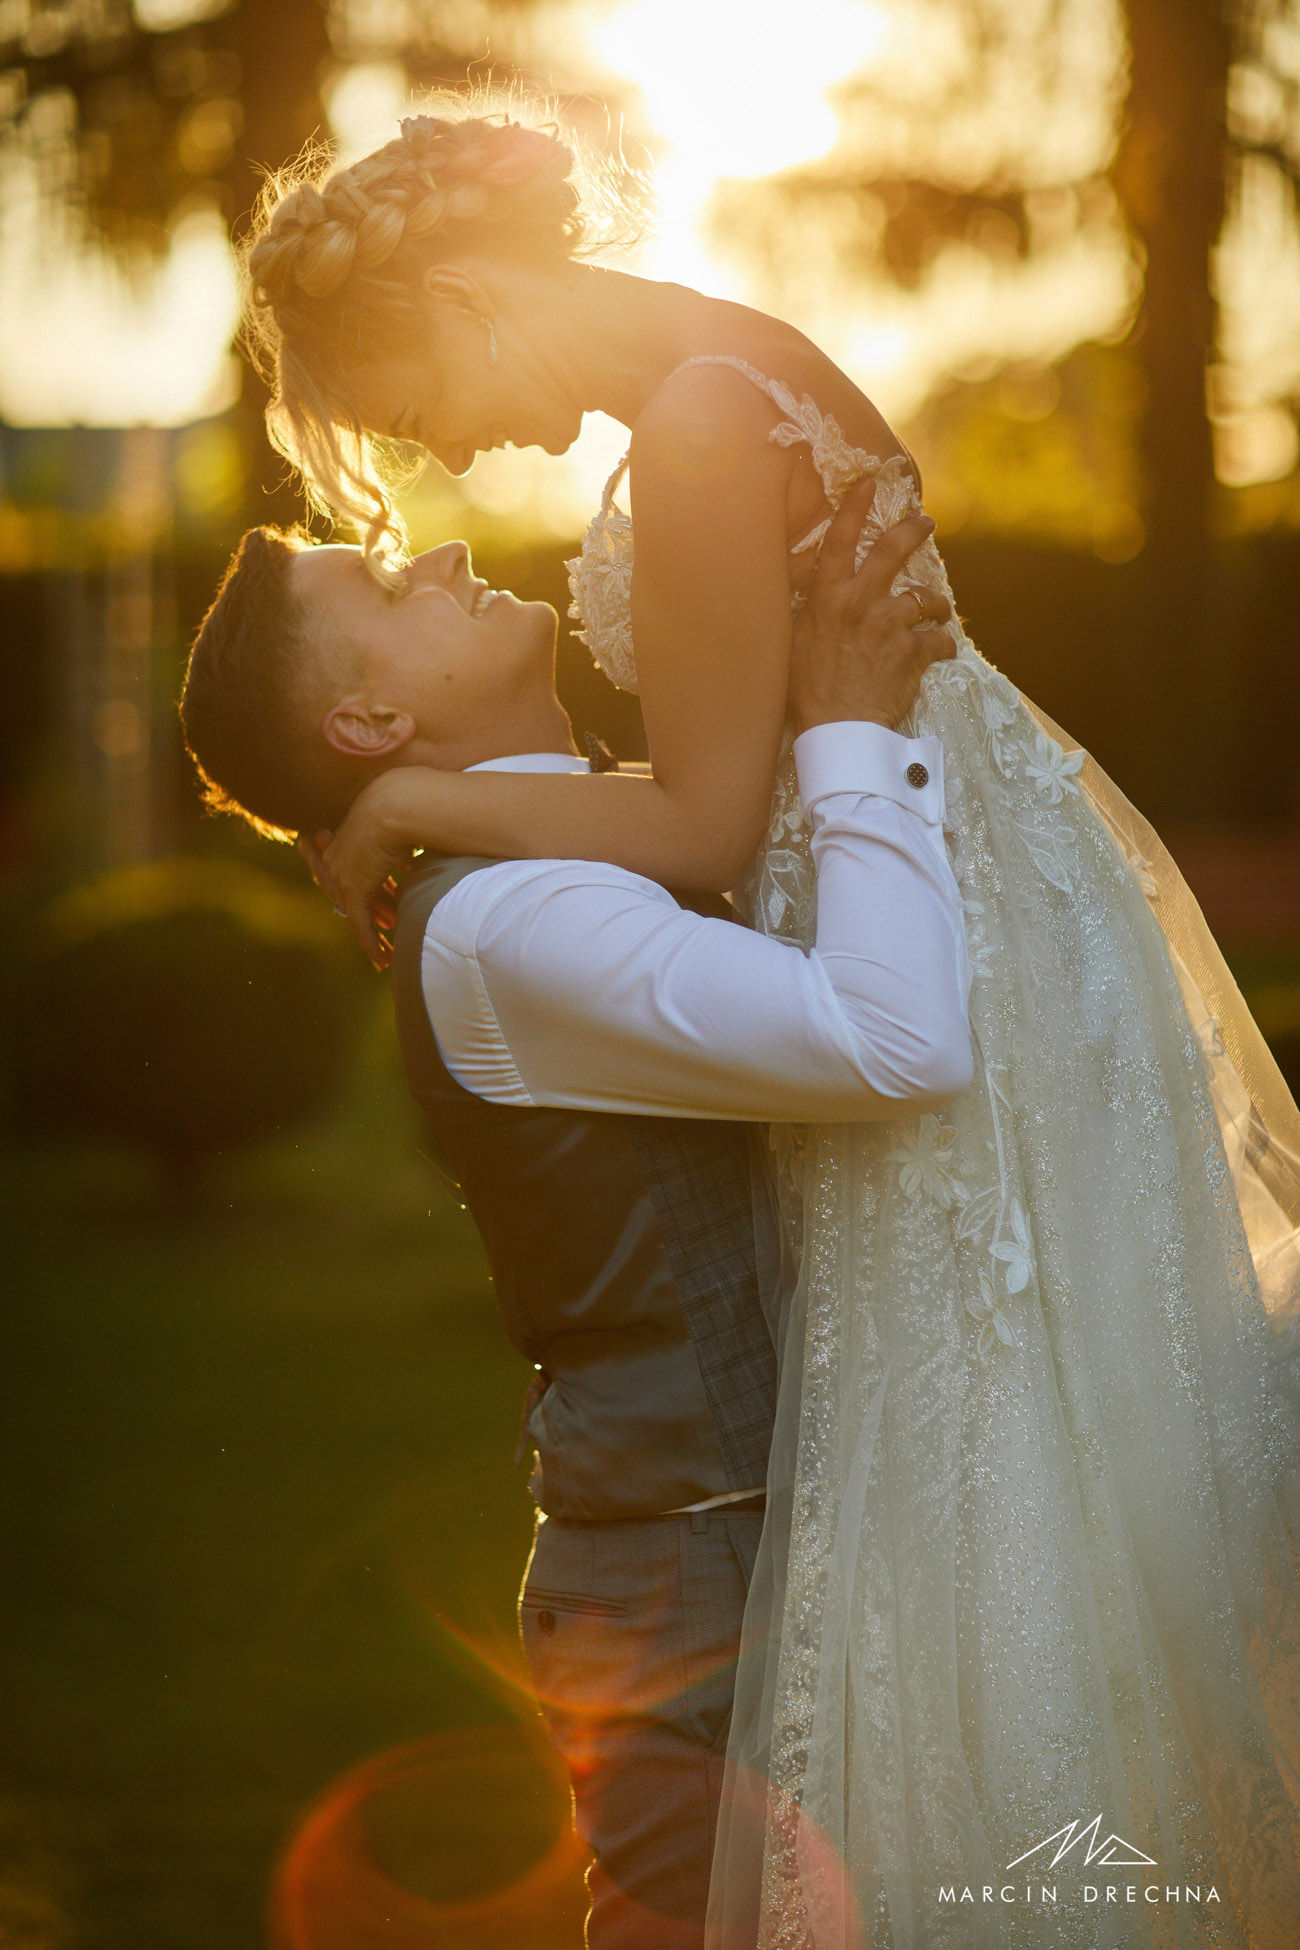 roland tomaszów mazowiecki fotograf ślubny zdjęcia